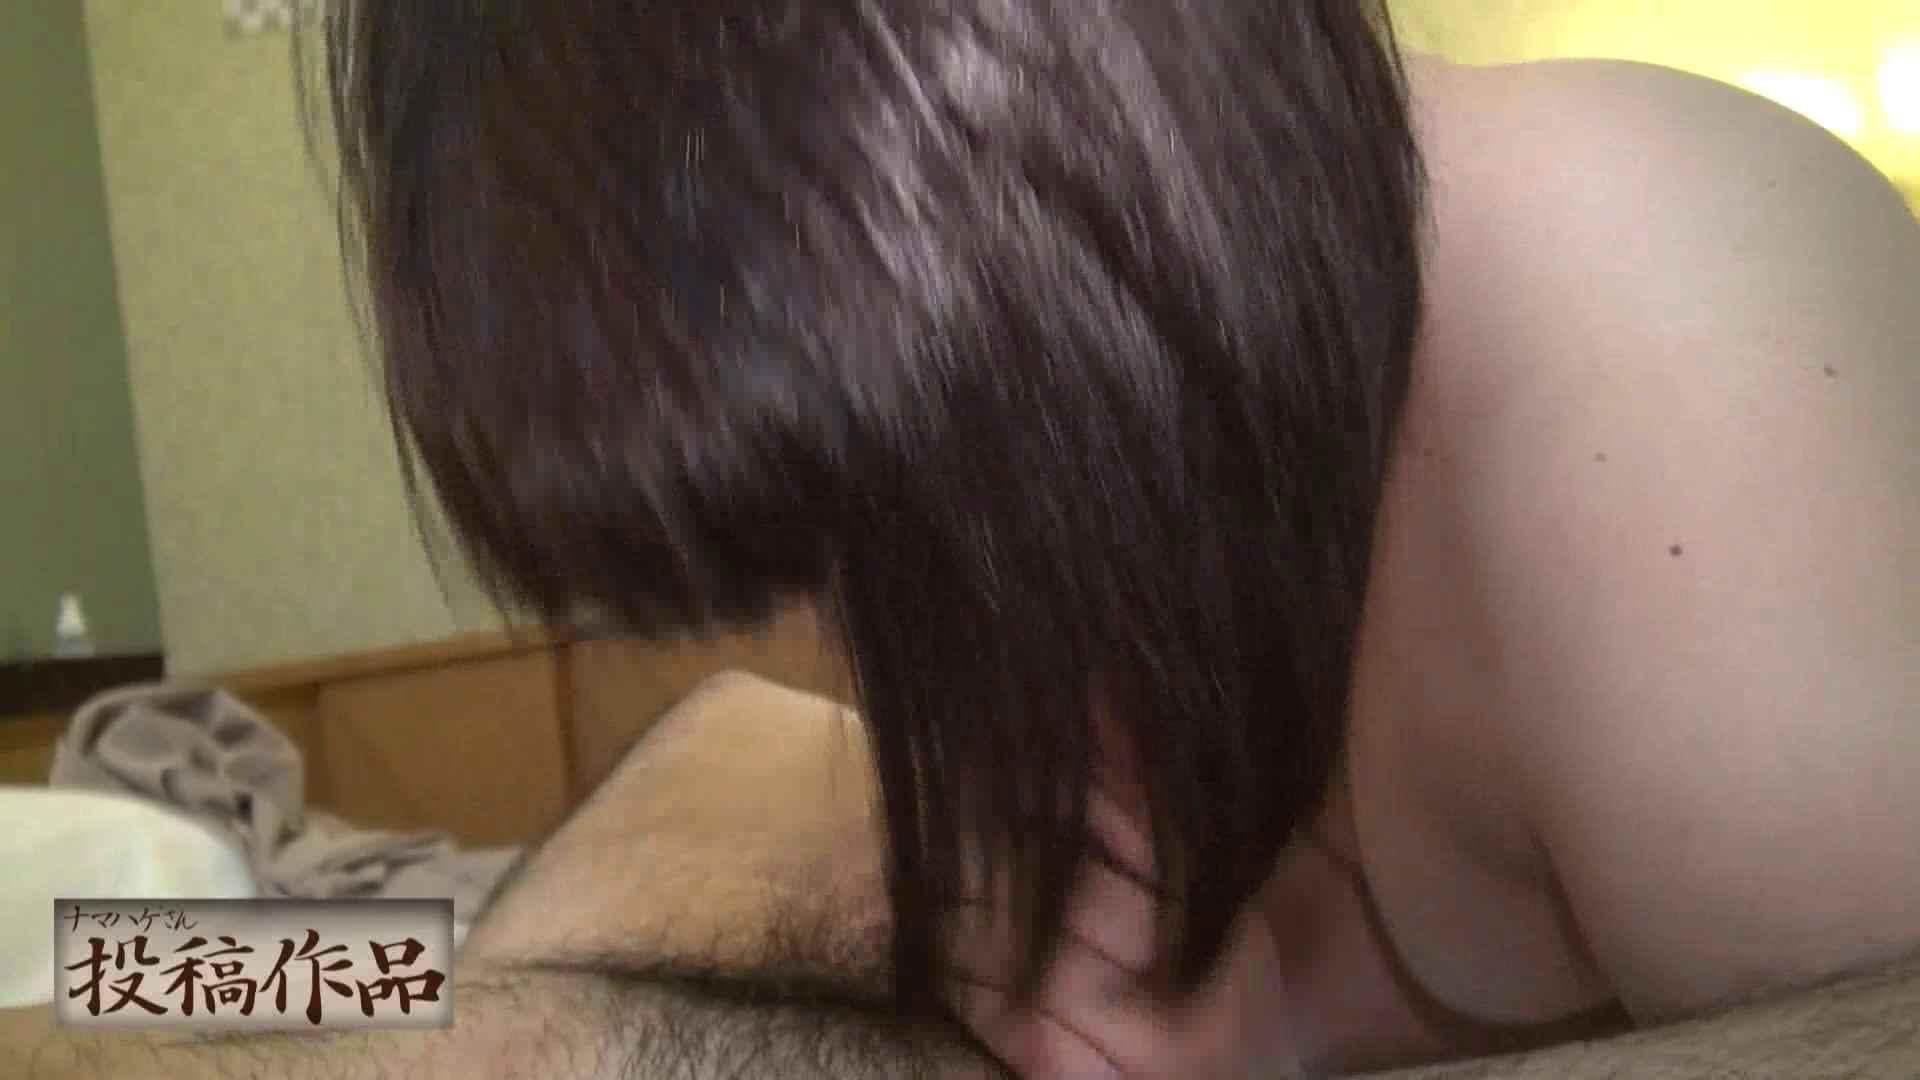 ナマハゲさんのまんこコレクション第二章 ナマハゲ naomi02 一般投稿 | 投稿  50画像 25